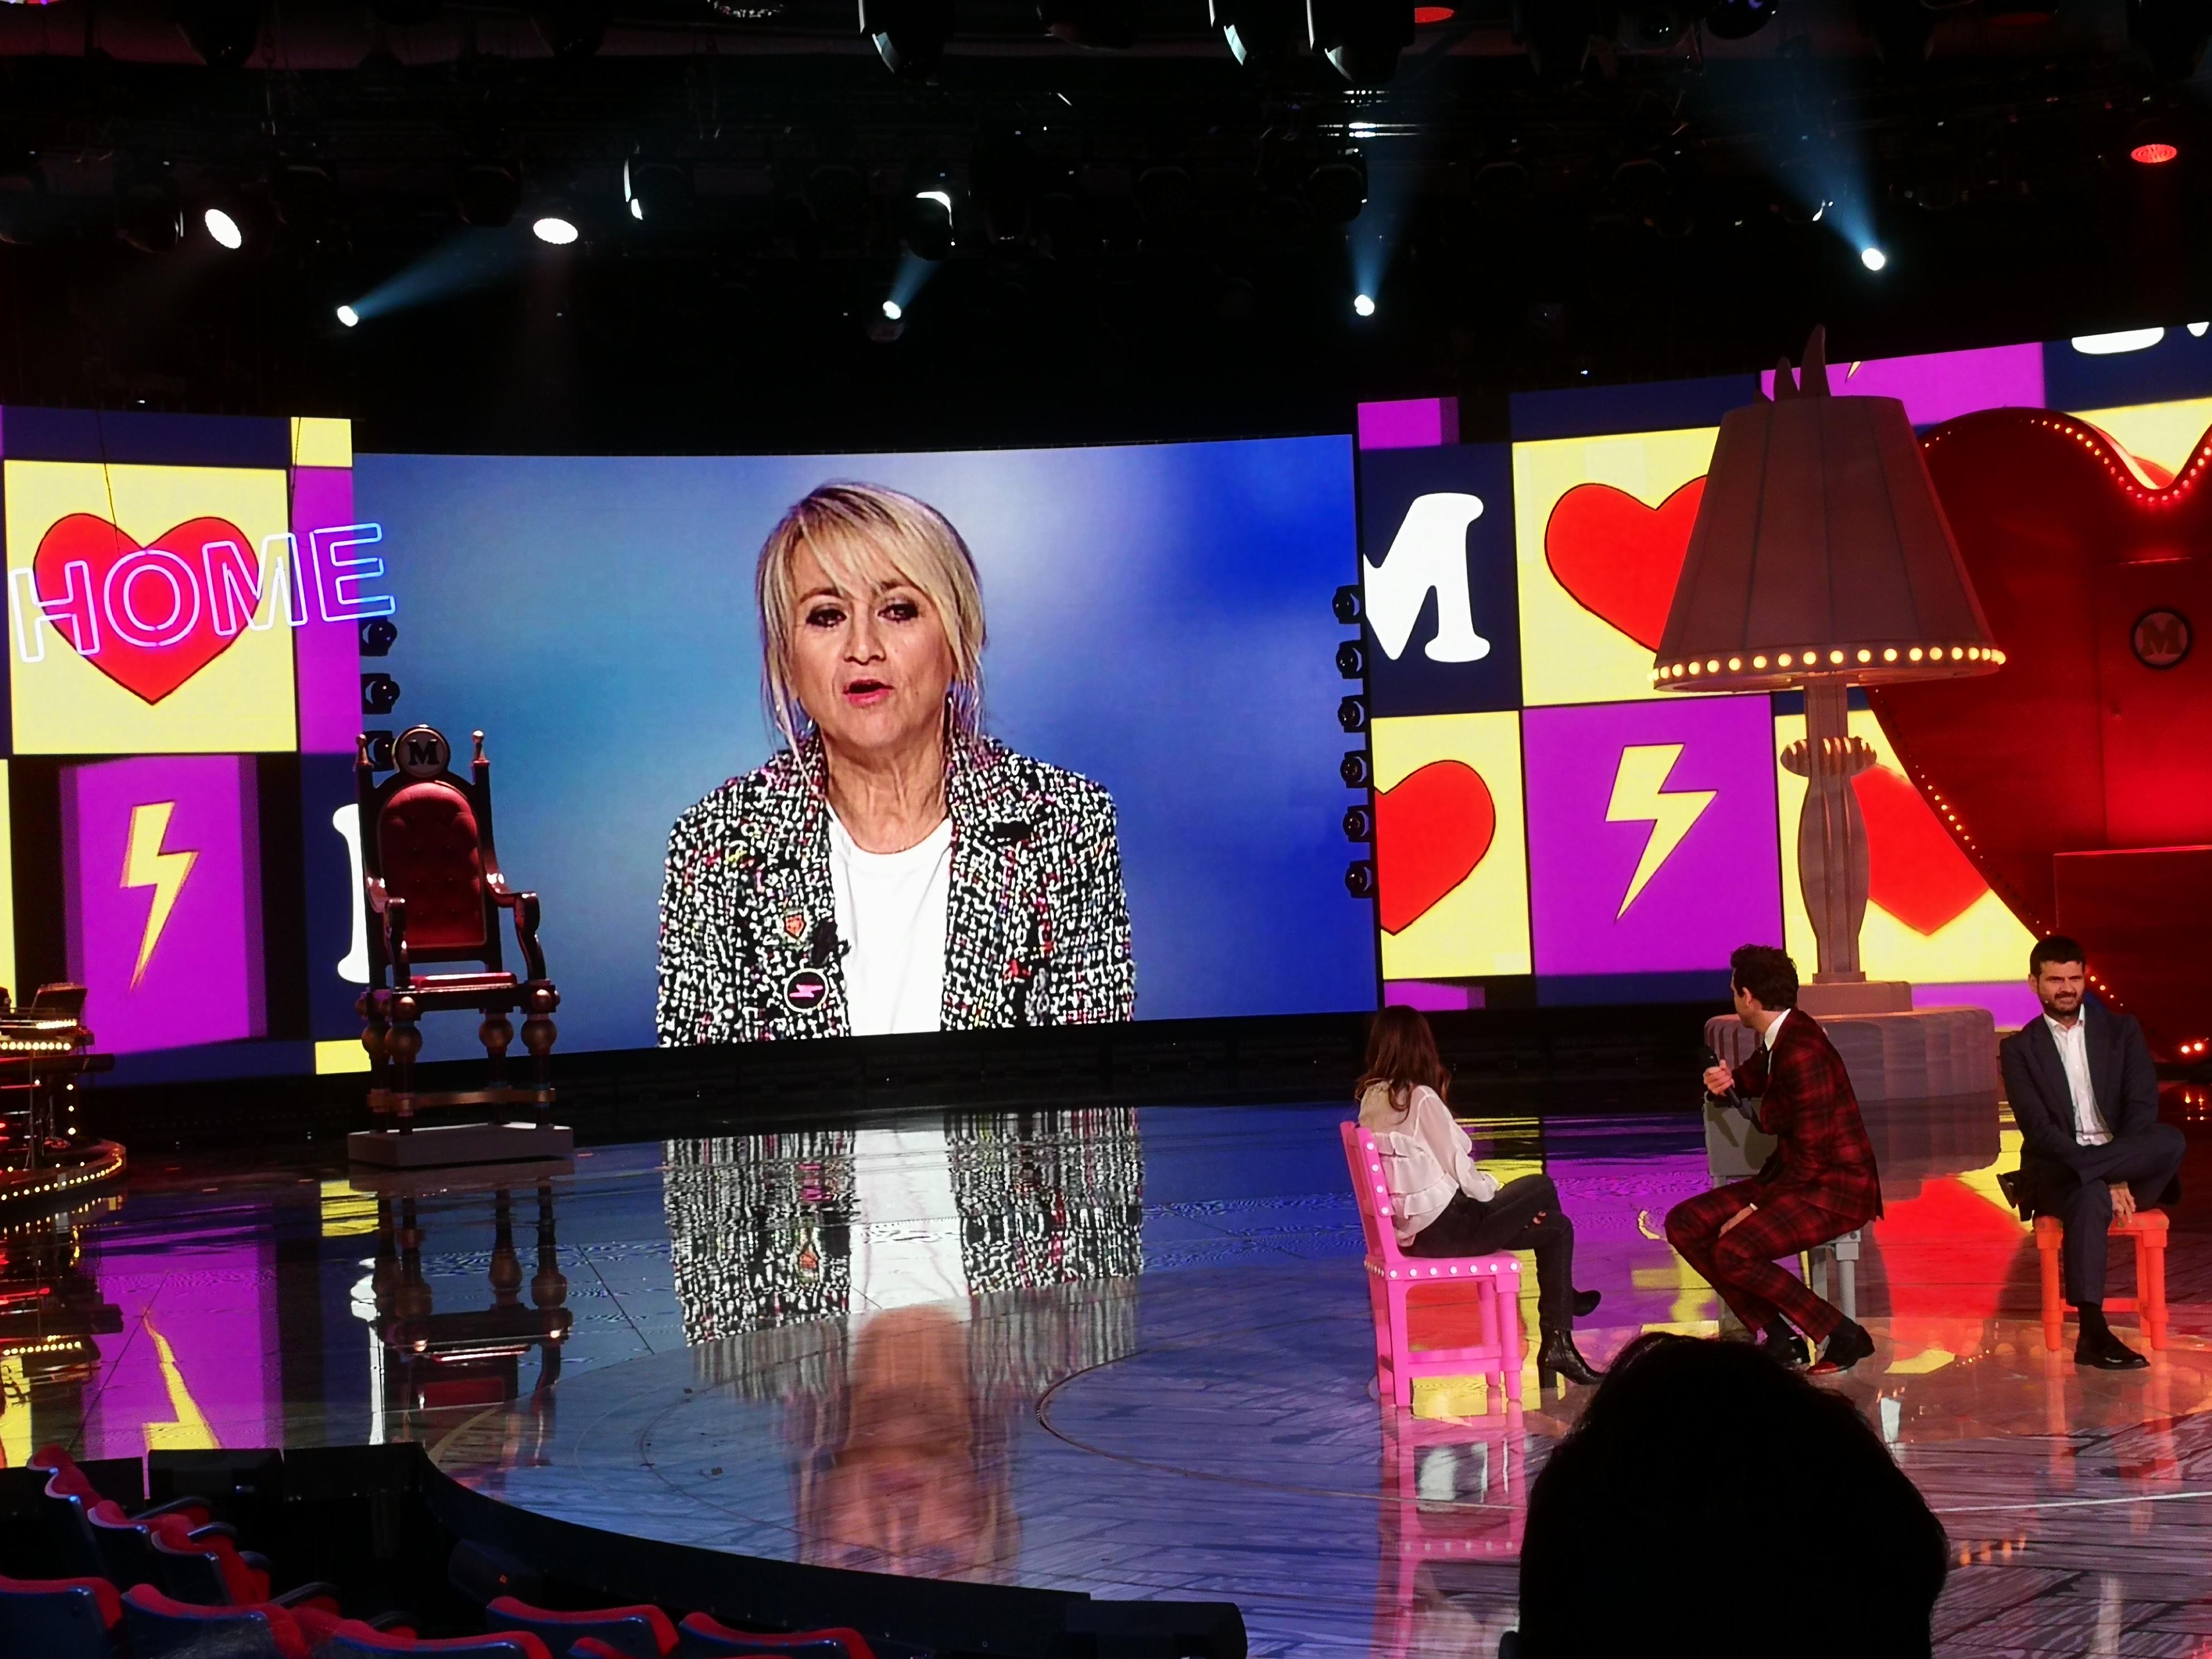 Stasera CasaMika 2, Mika show in conferenza: tutte le anticipazioni